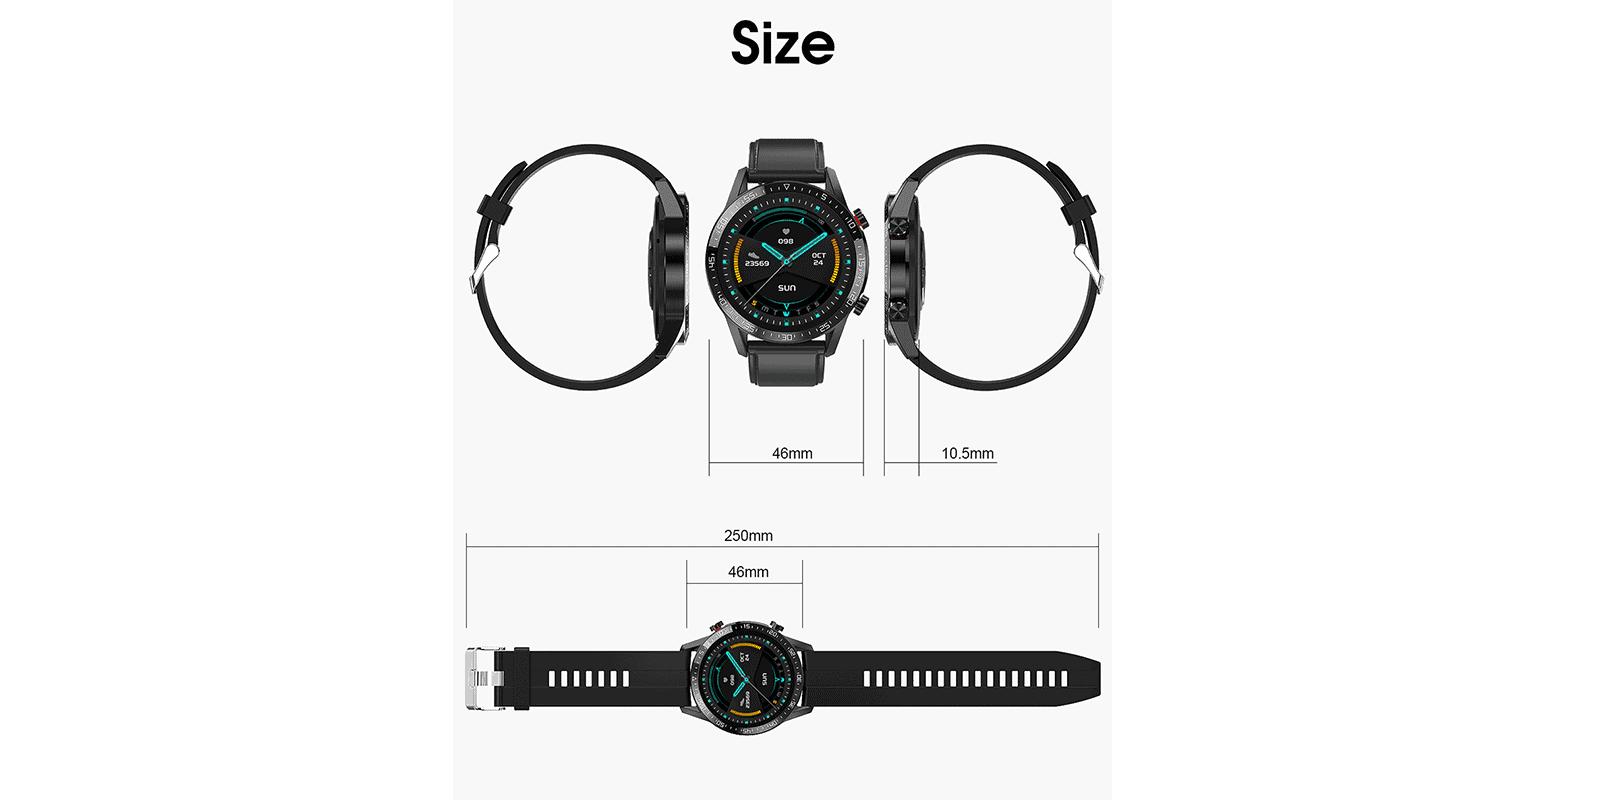 GX SmartWatch spec